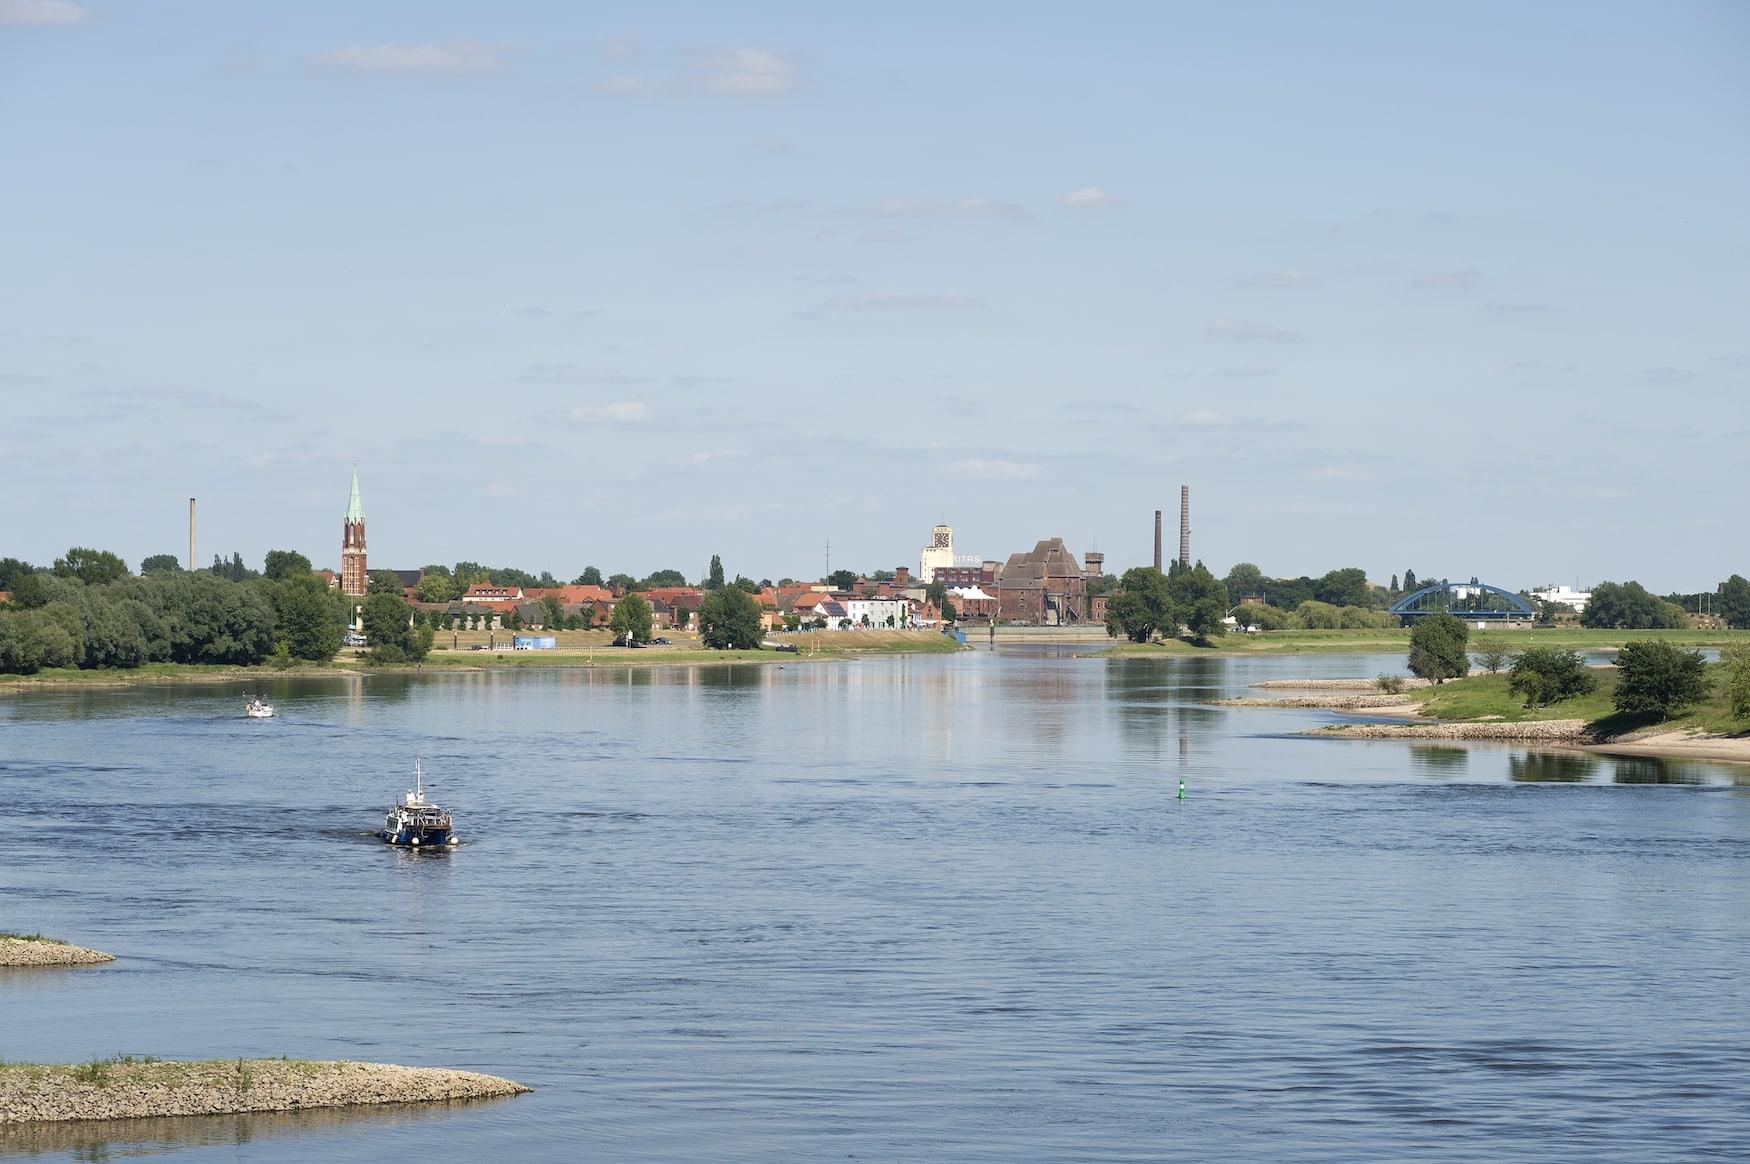 Die Flusslandschaft Elbe bei Wittenberge